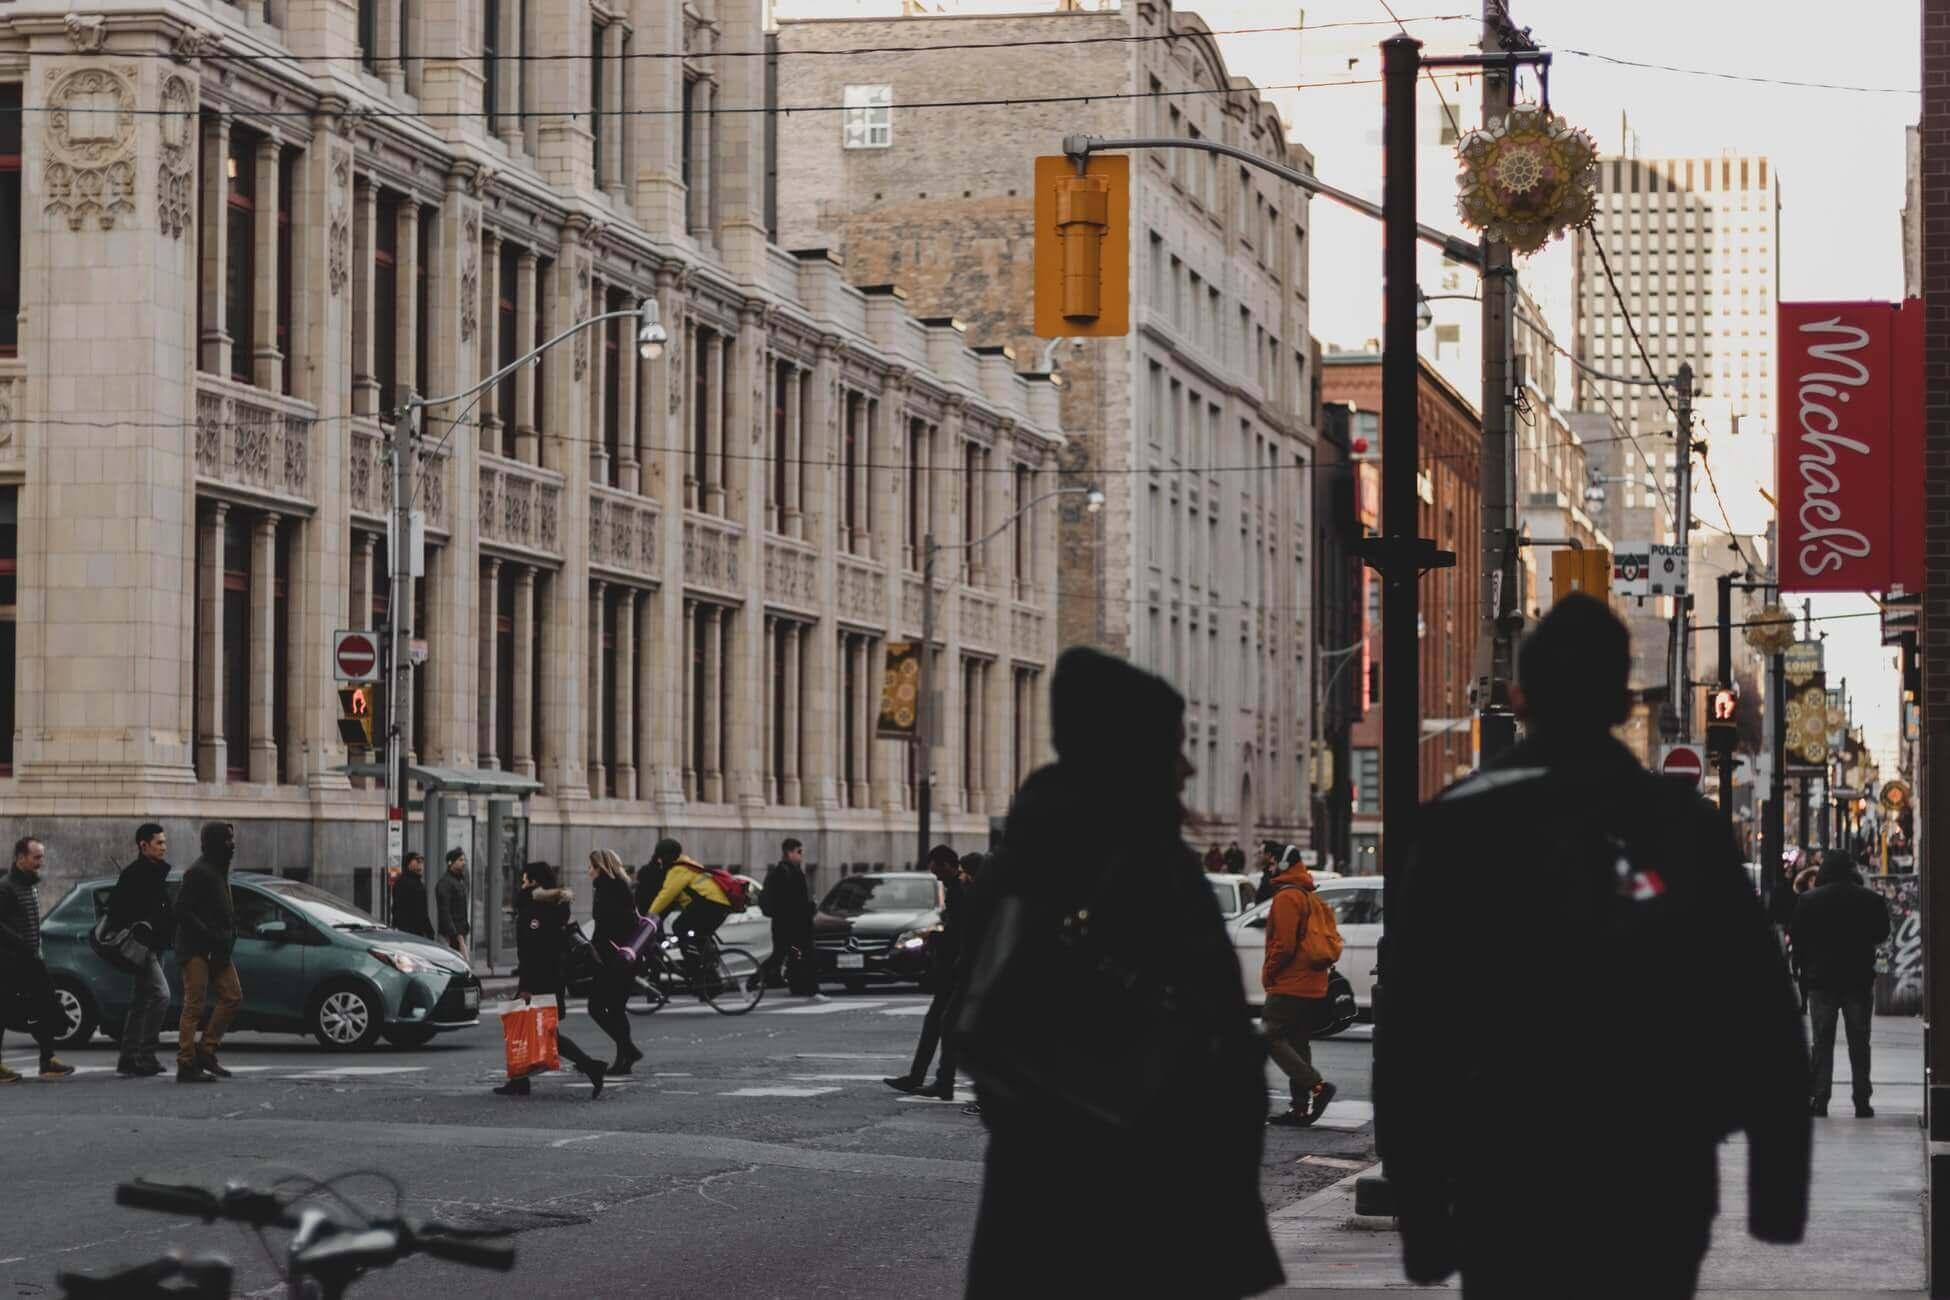 Трудности иммиграции: честный эмоциональный рассказ